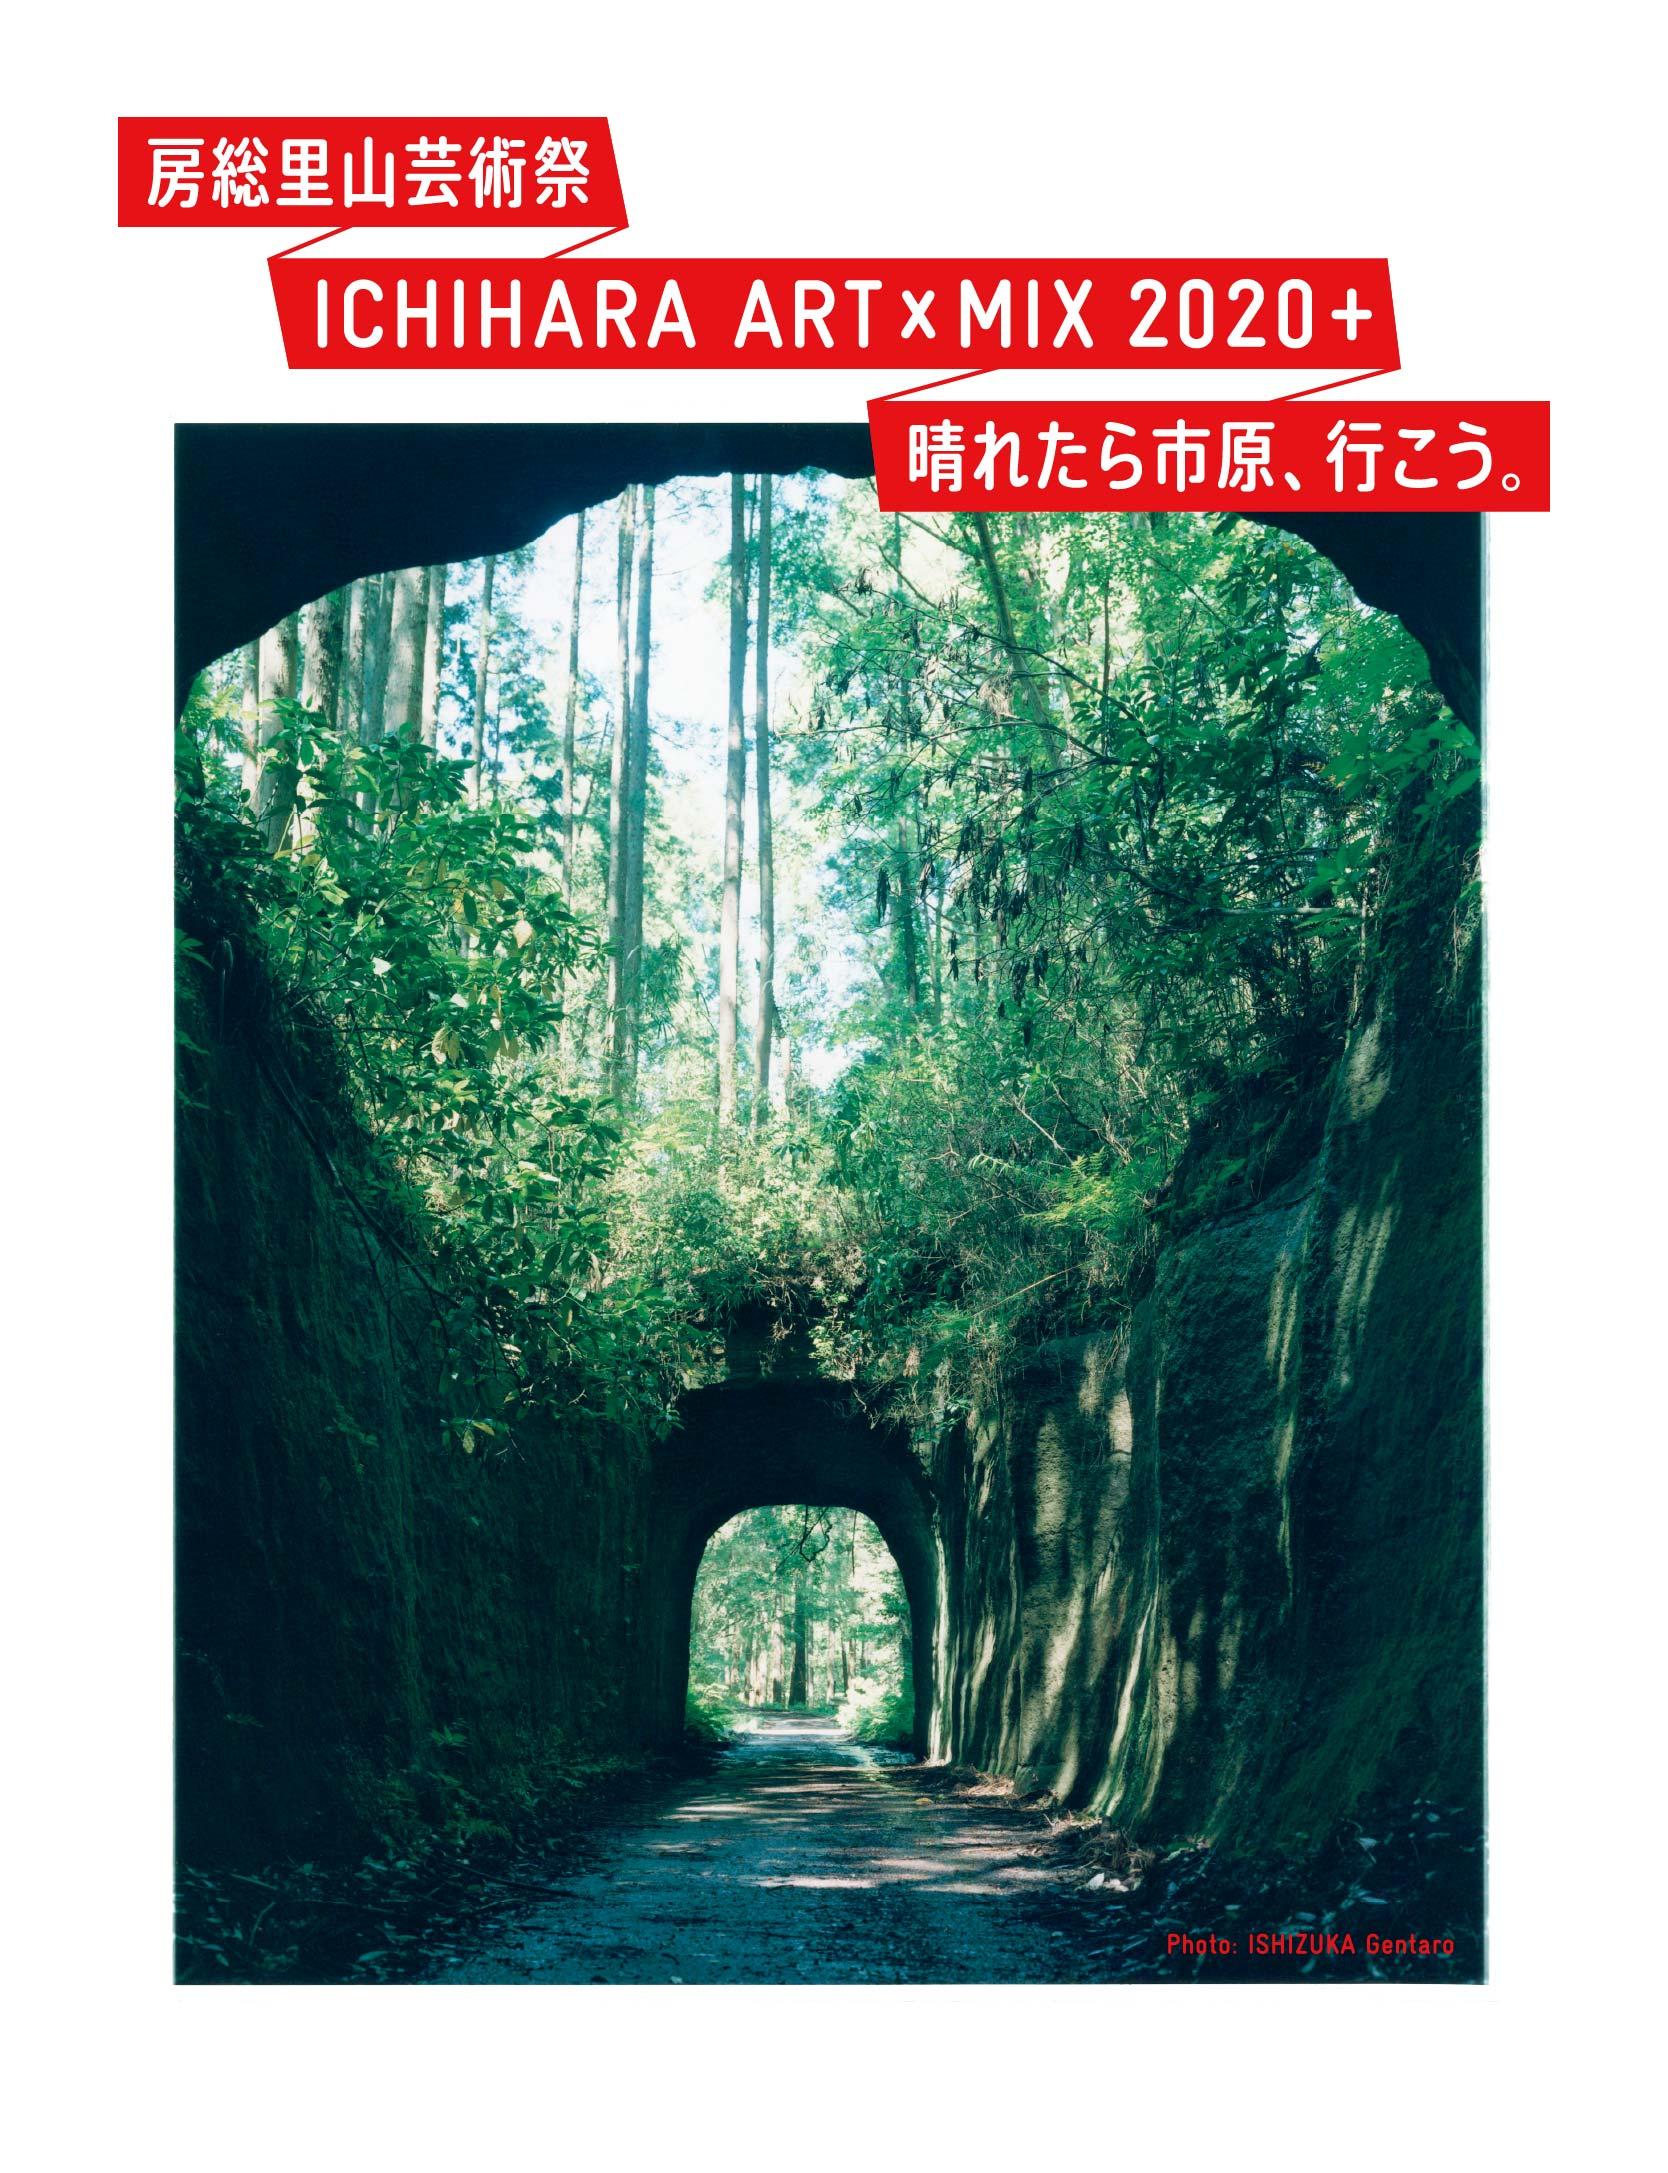 房総里山芸術祭 ICHIHARA ARTxMIX 2020+ 晴れたら市原、行こう